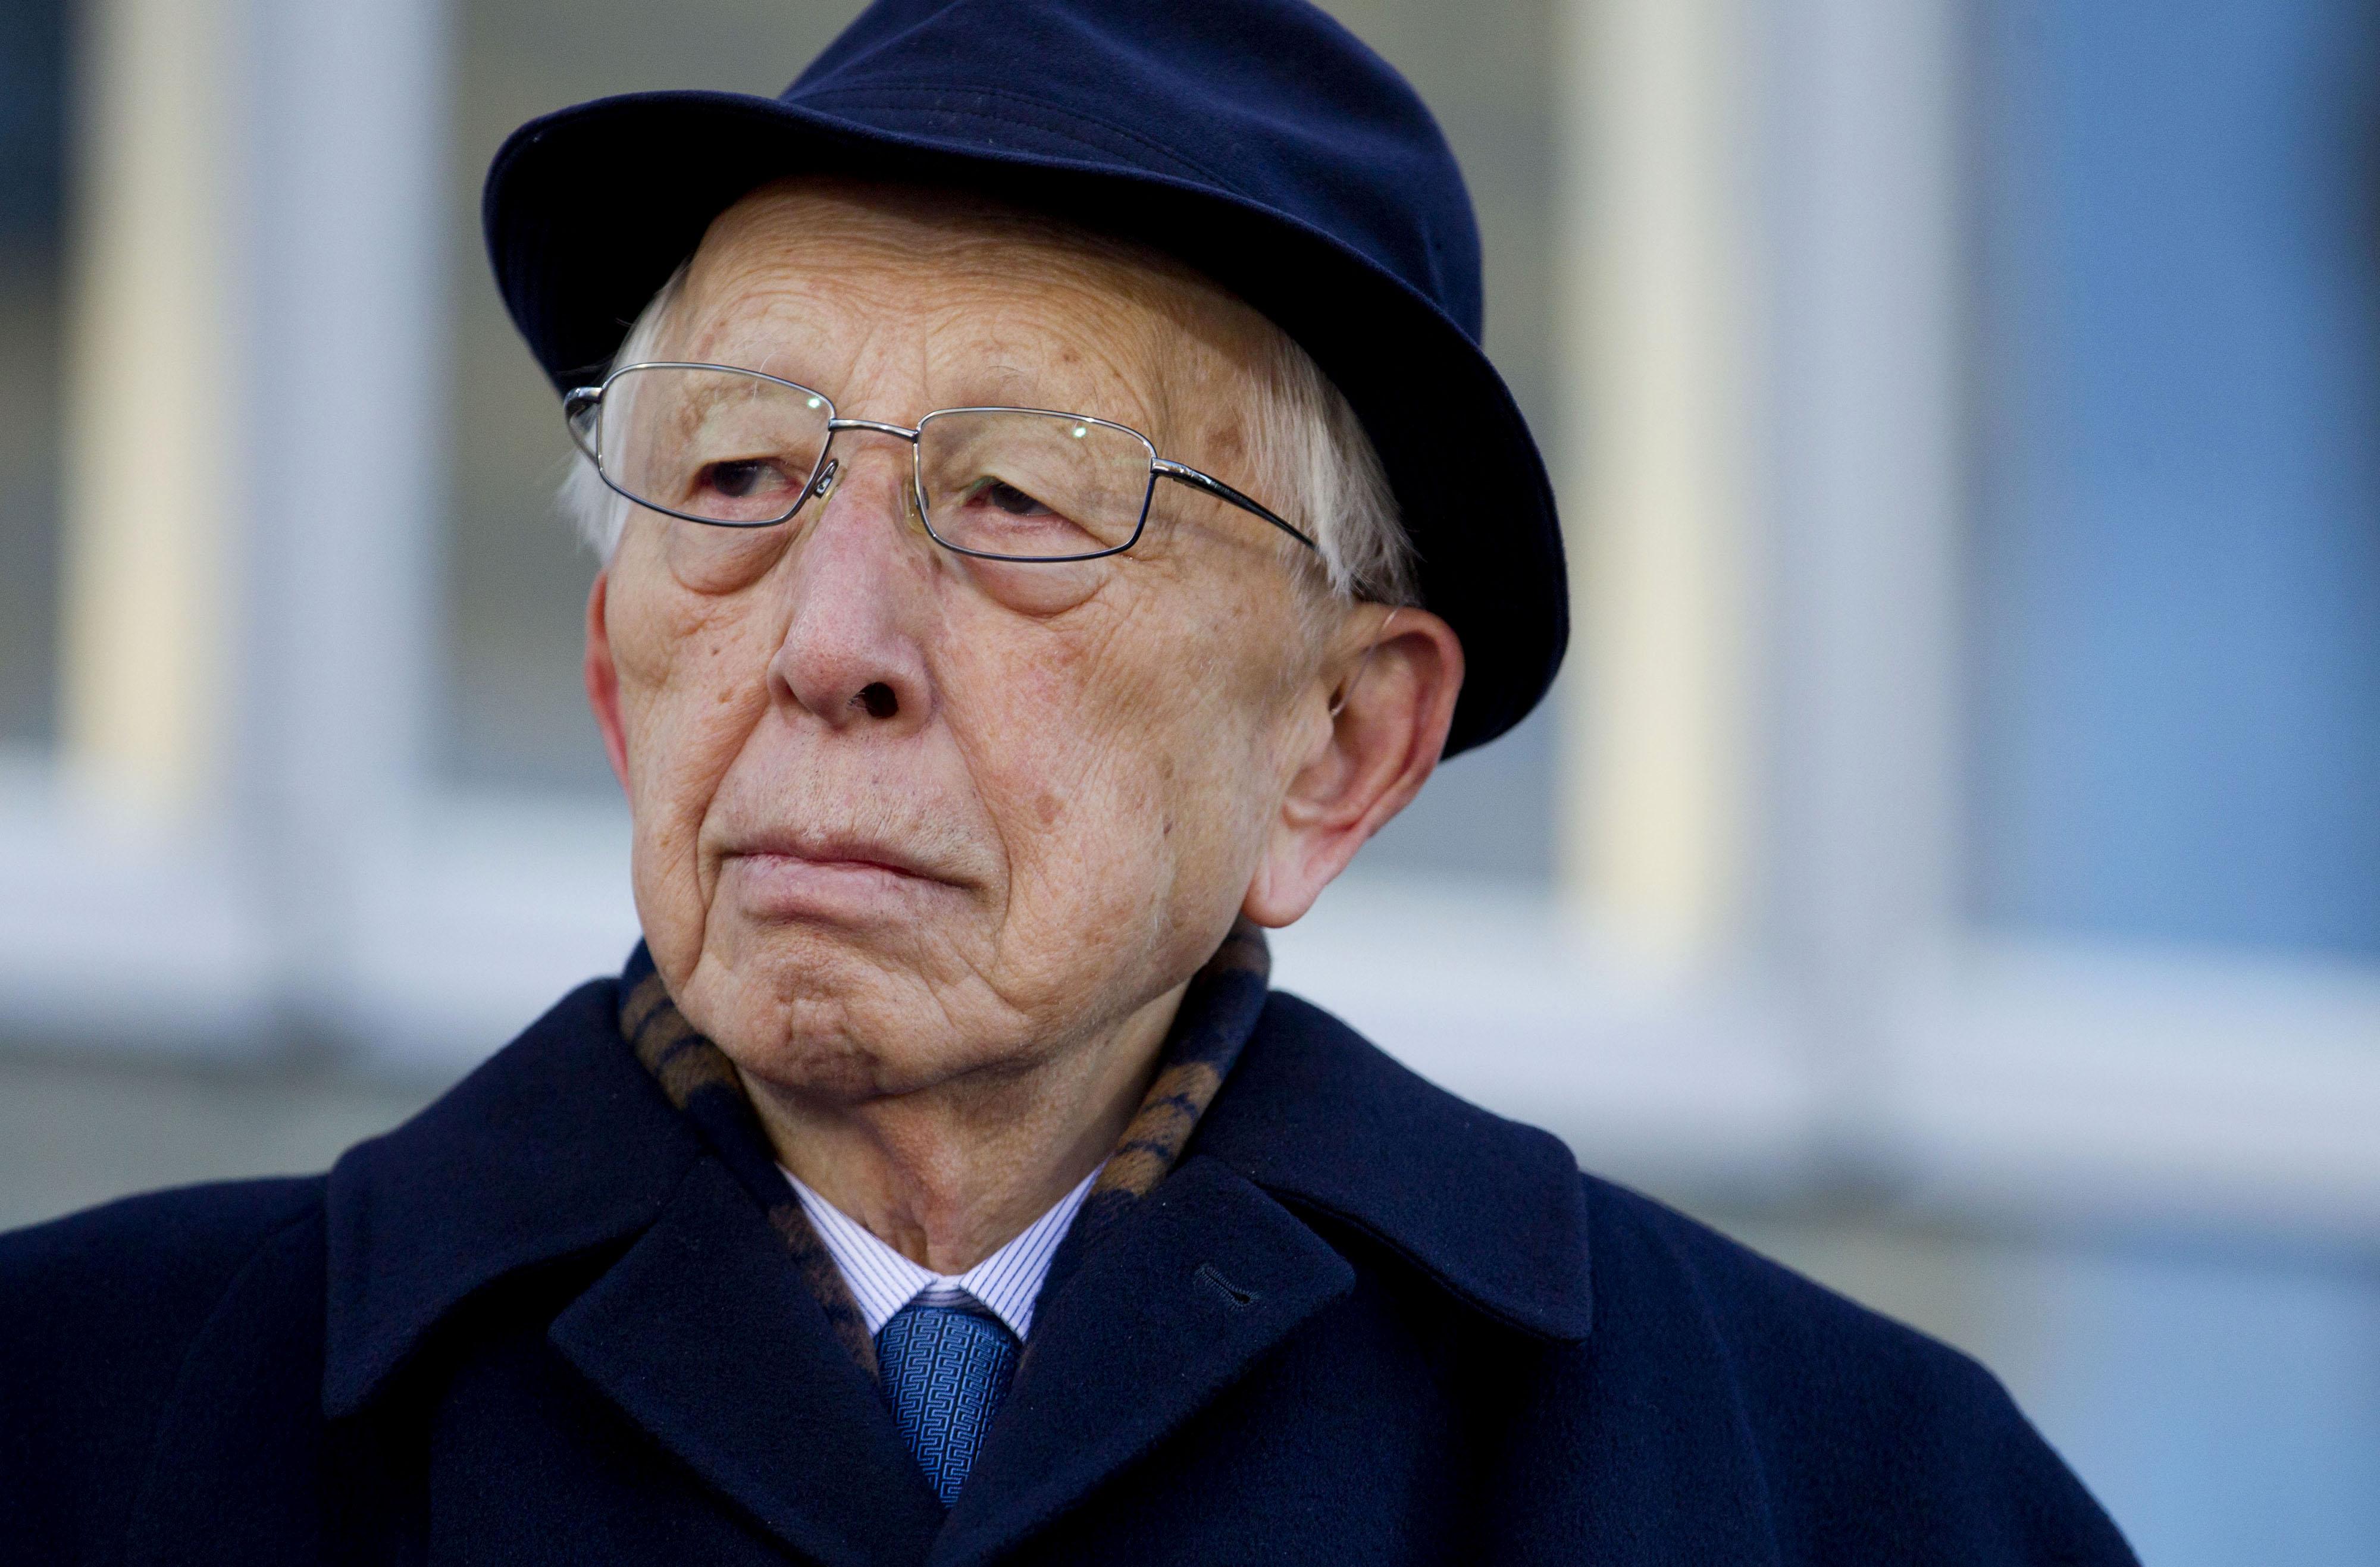 سنسینویومه؛ گفتوگوی همشهری معماری با فومیهیکو ماکی، معمار بزرگ ژاپنی